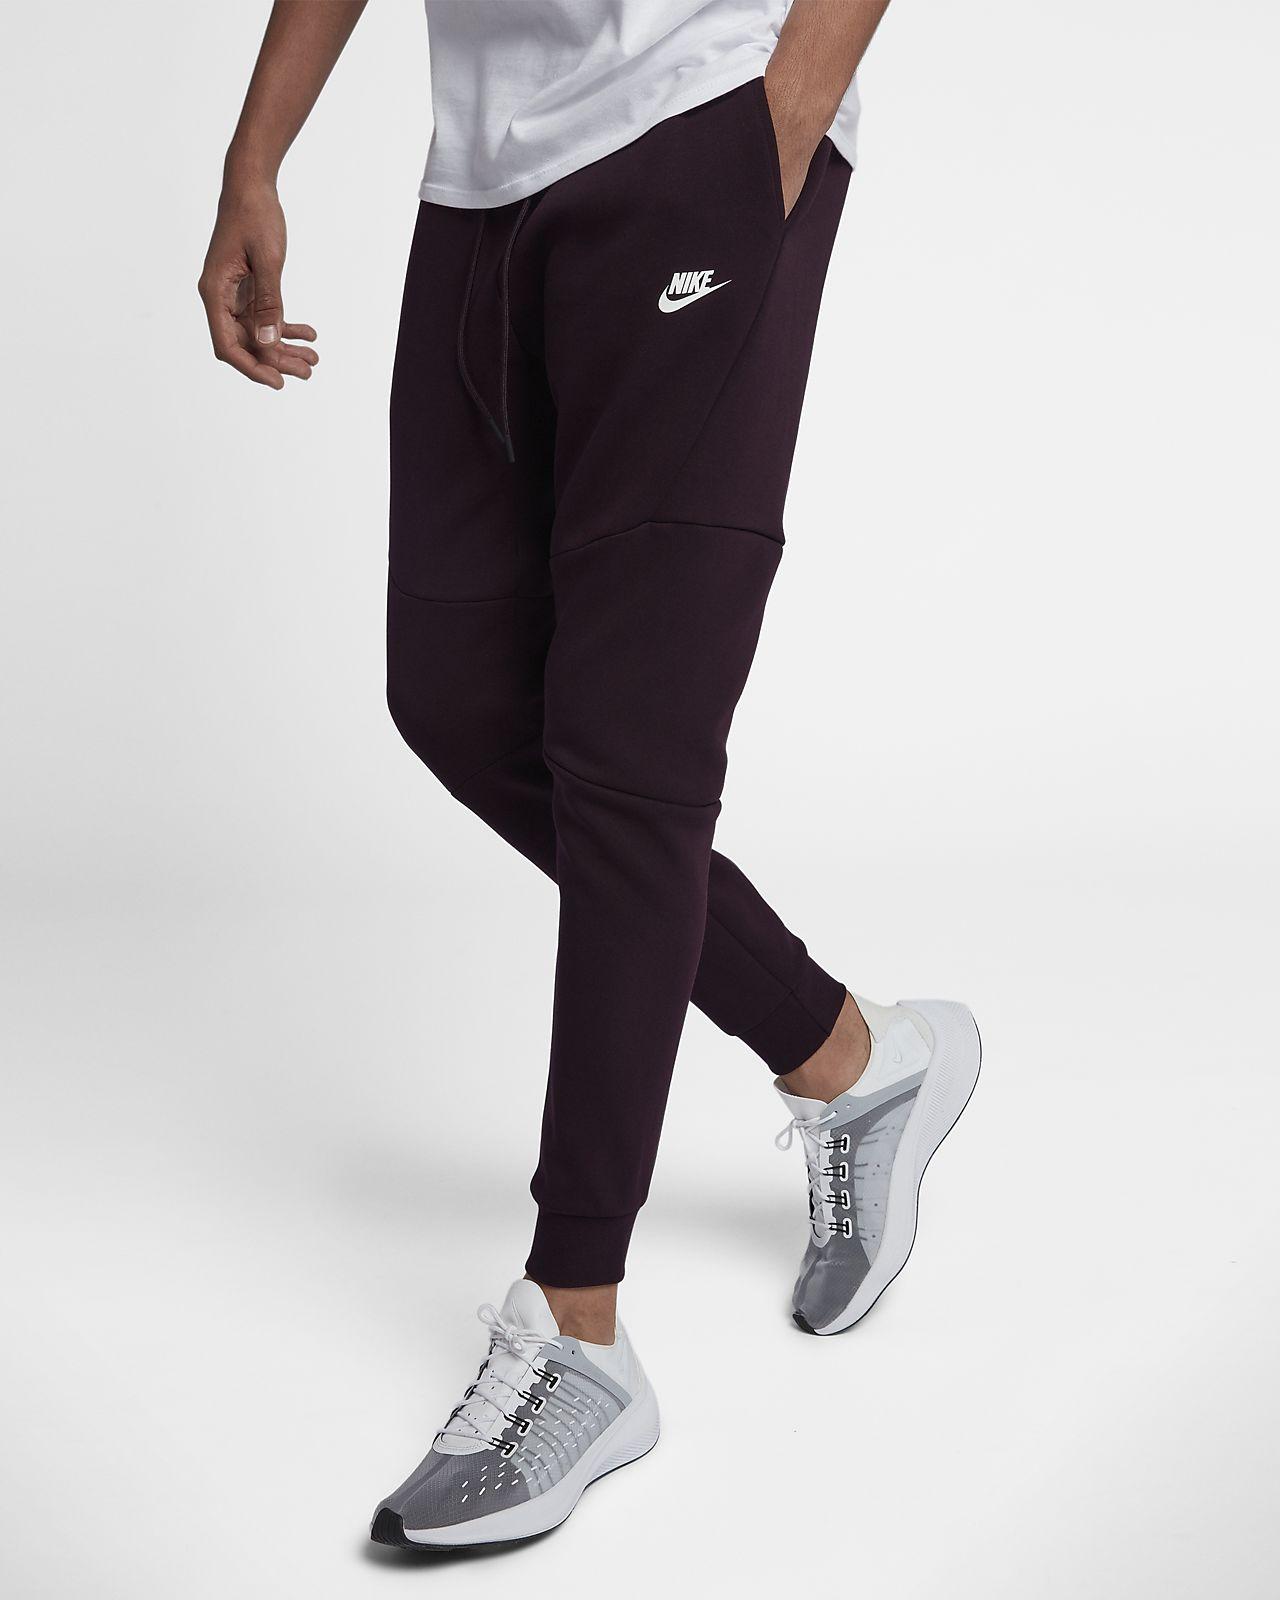 b7a2f02693bf6 Pantalon de jogging Nike Sportswear Tech Fleece pour Homme. Nike.com CA